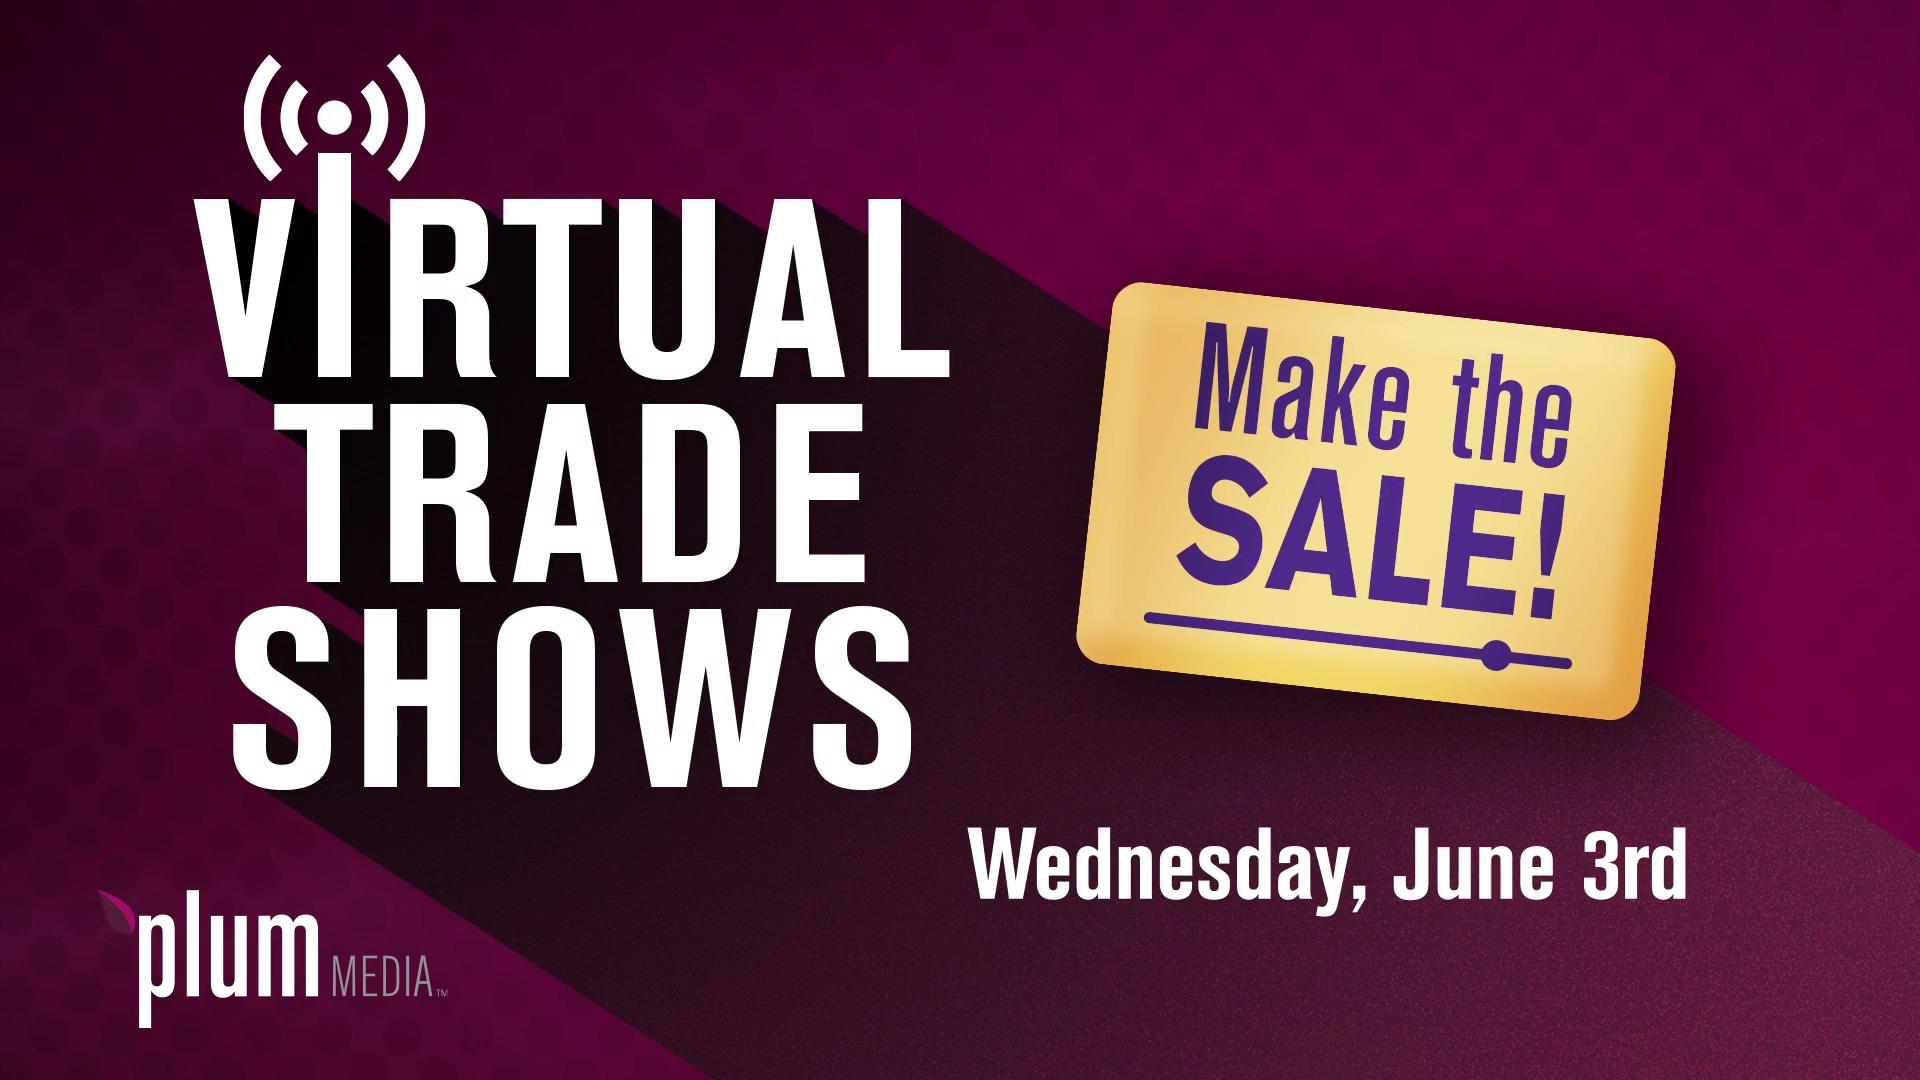 4771 Virtual Trade Show Tease Long v1